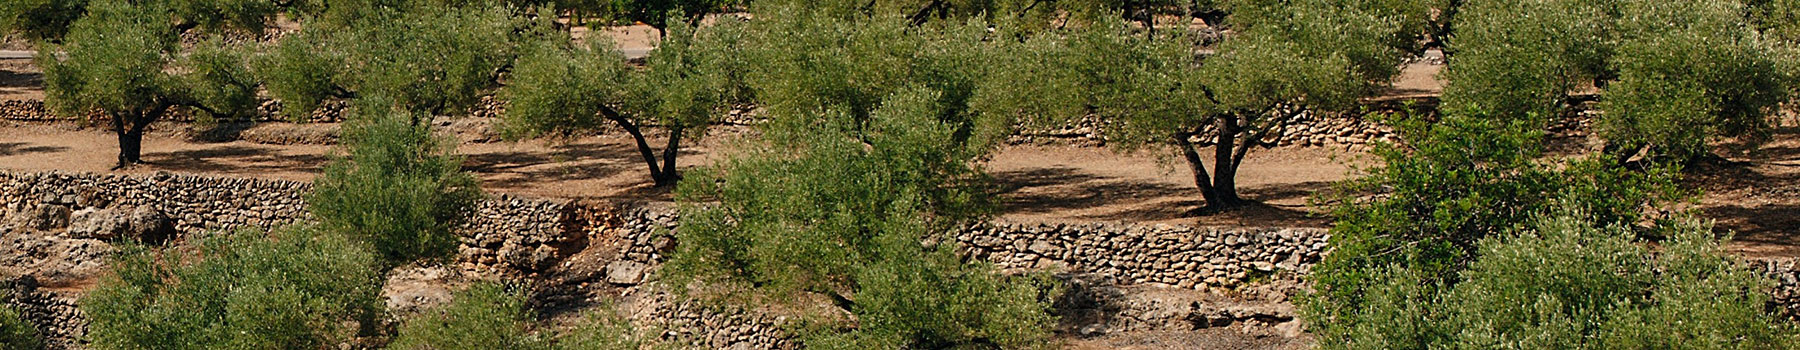 Los jardines de olivos, ruta por el interior de l'Ampolla